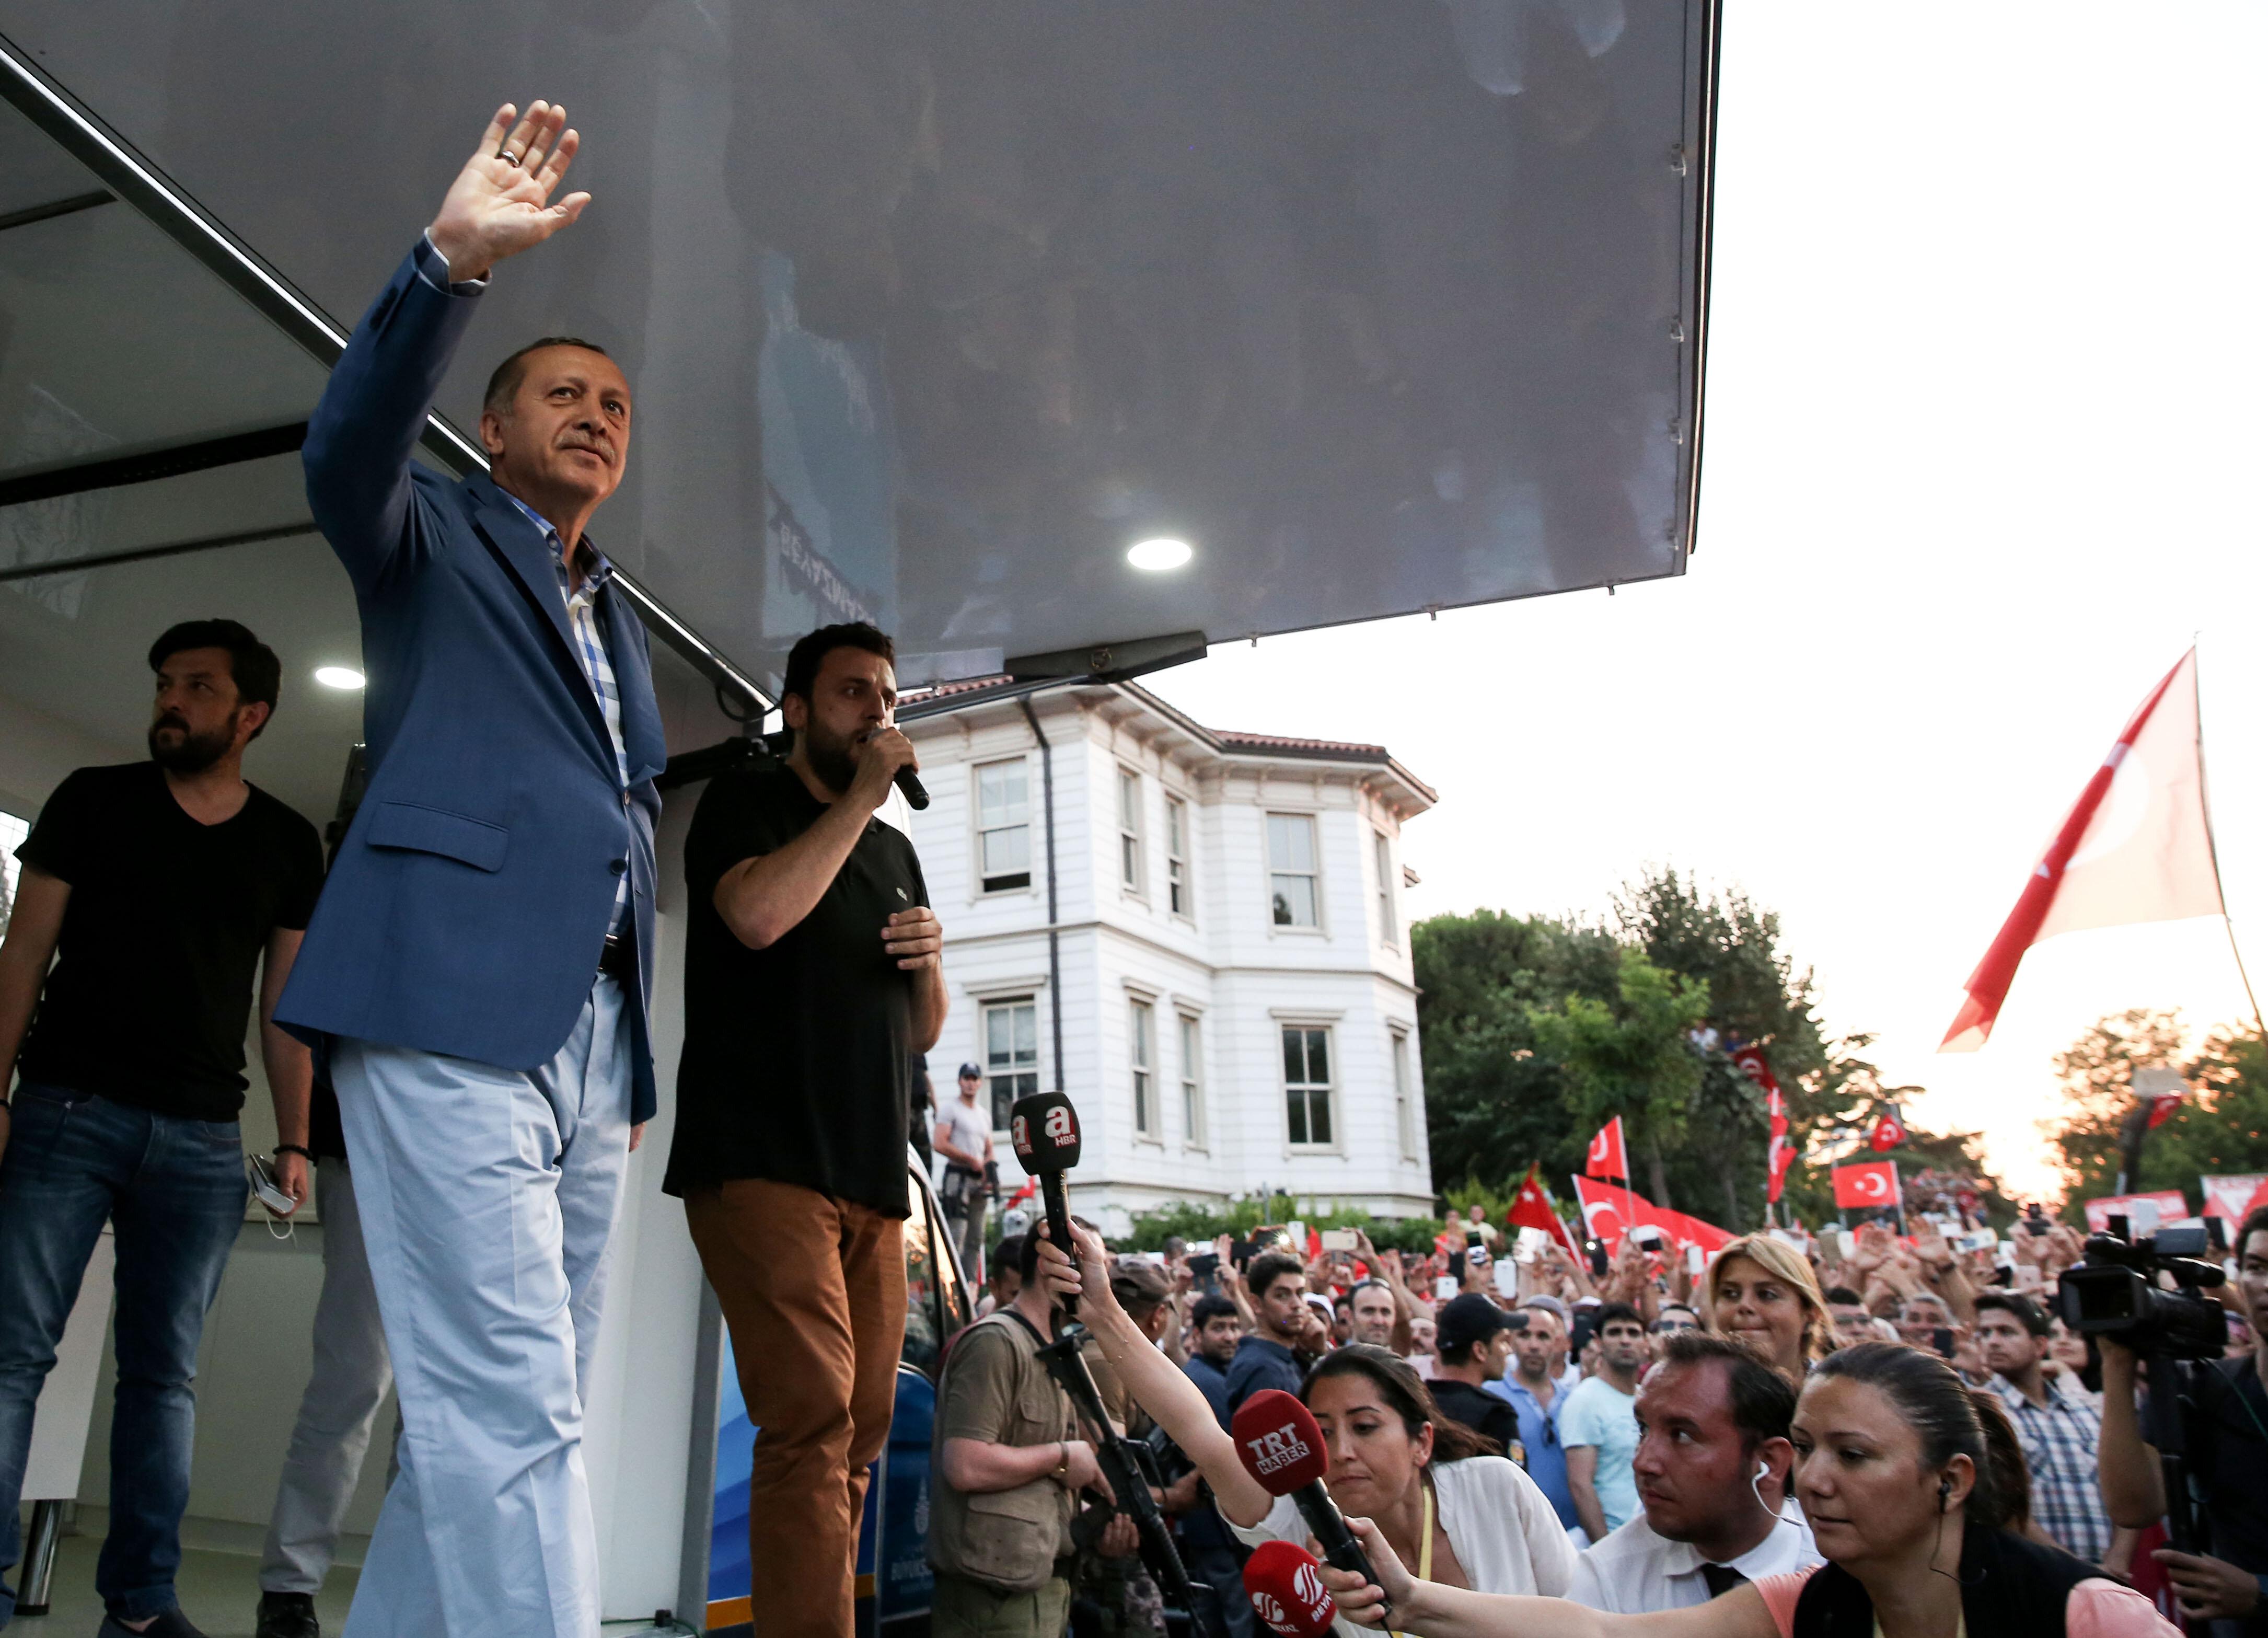 Cumhurbaşkanı Erdoğan, bölücü terör örgütü FETÖ mensuplarının darbe girişimine tepki  göstermek amacıyla Üsküdar Kısıklı'da toplanan vatandaşlara seslendi.